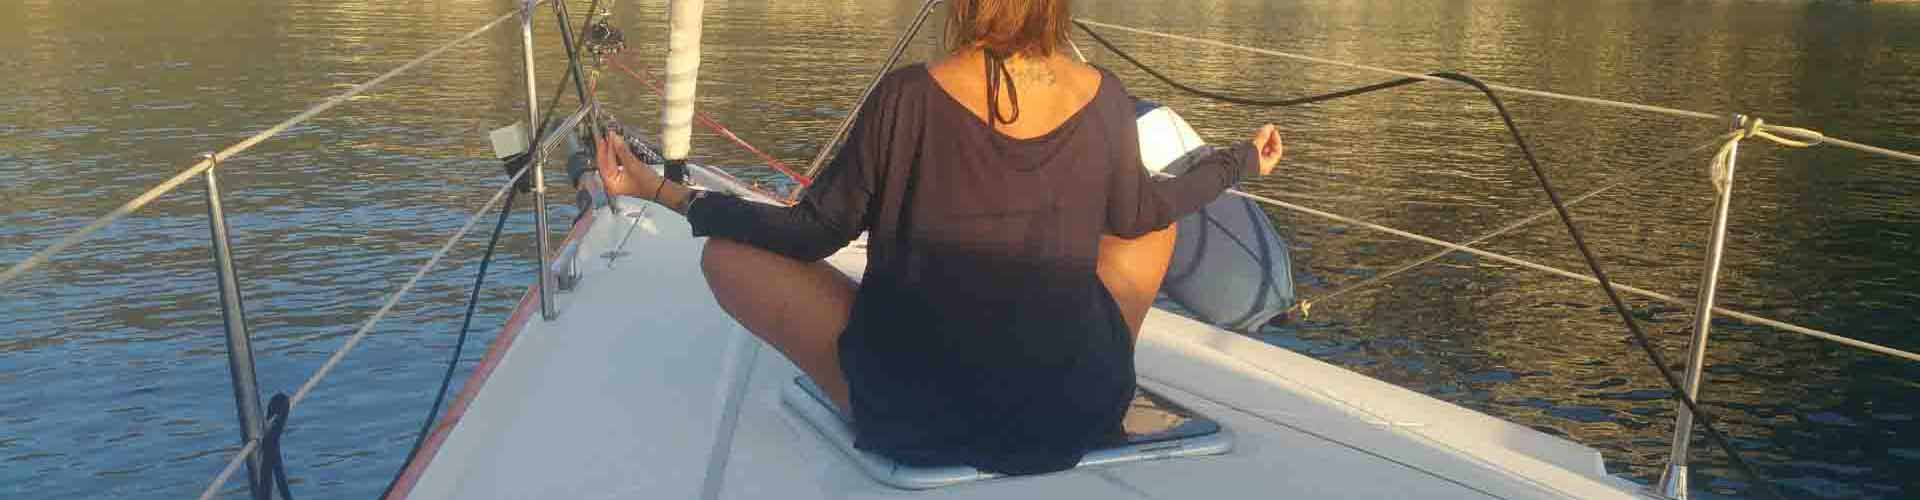 Meditazioni In Barca A Vela